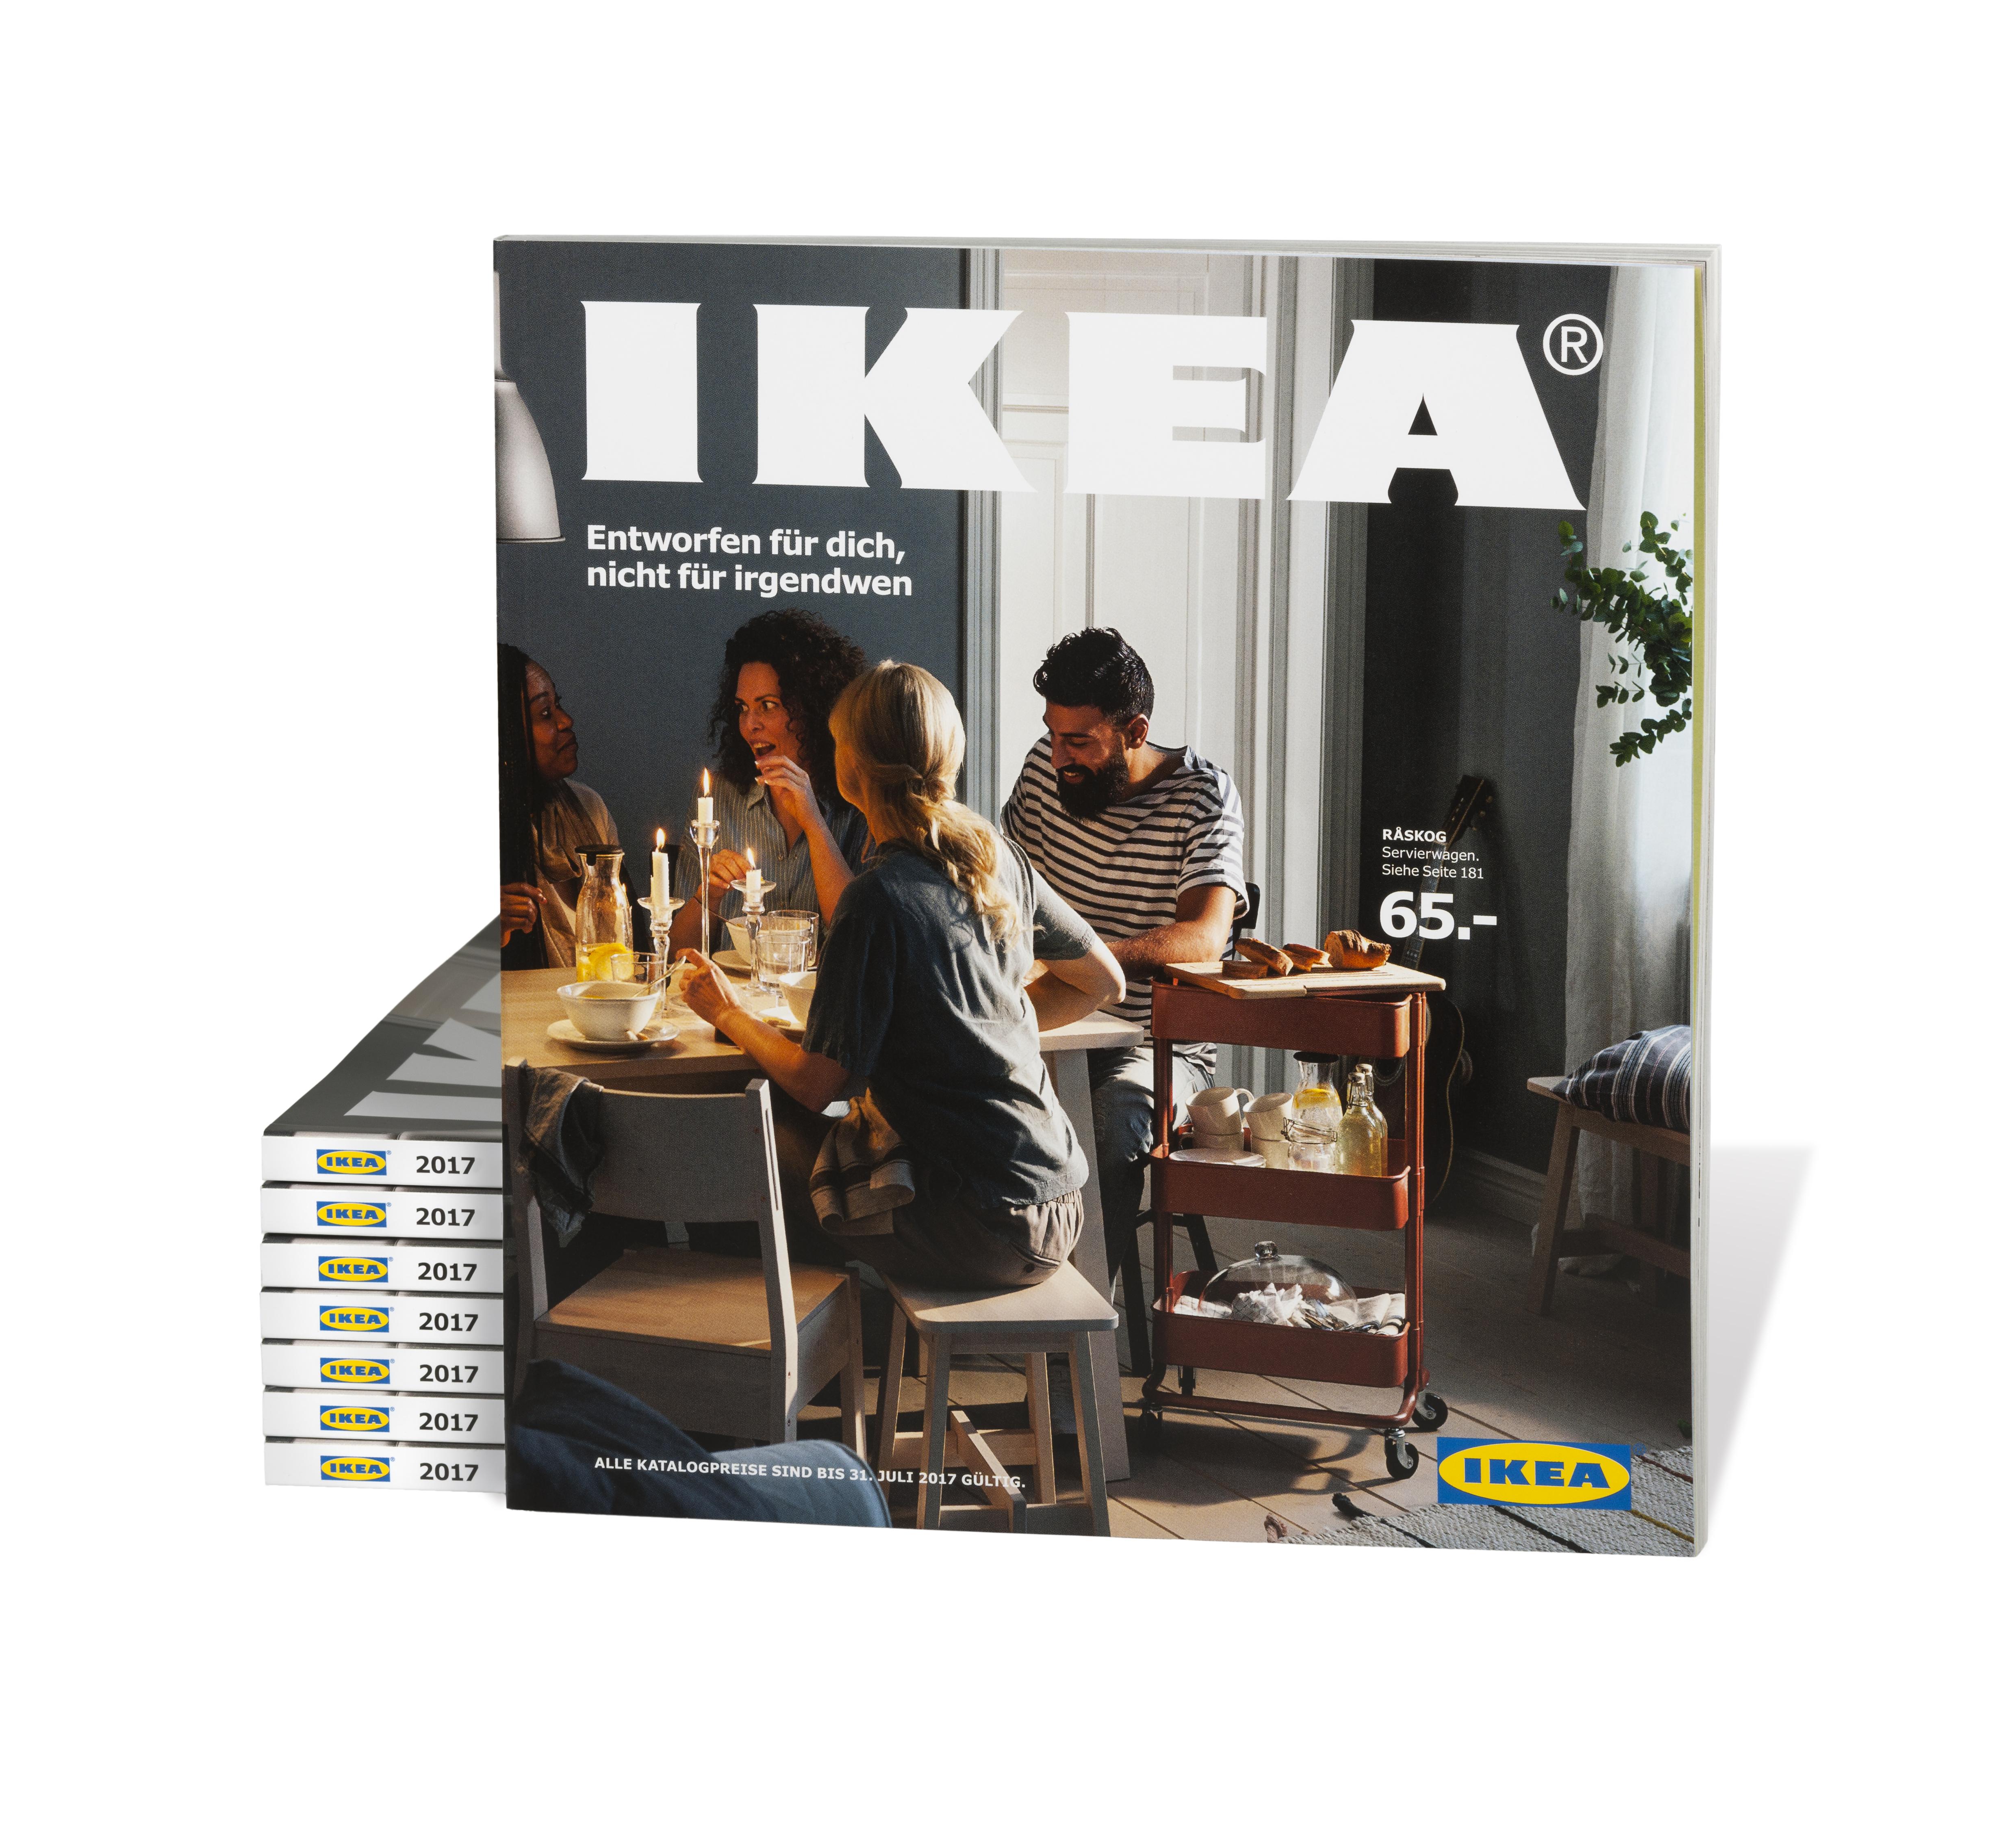 entworfen f r dich nicht f r irgendwen der ikea katalog 2017 feiert die individualit t und. Black Bedroom Furniture Sets. Home Design Ideas